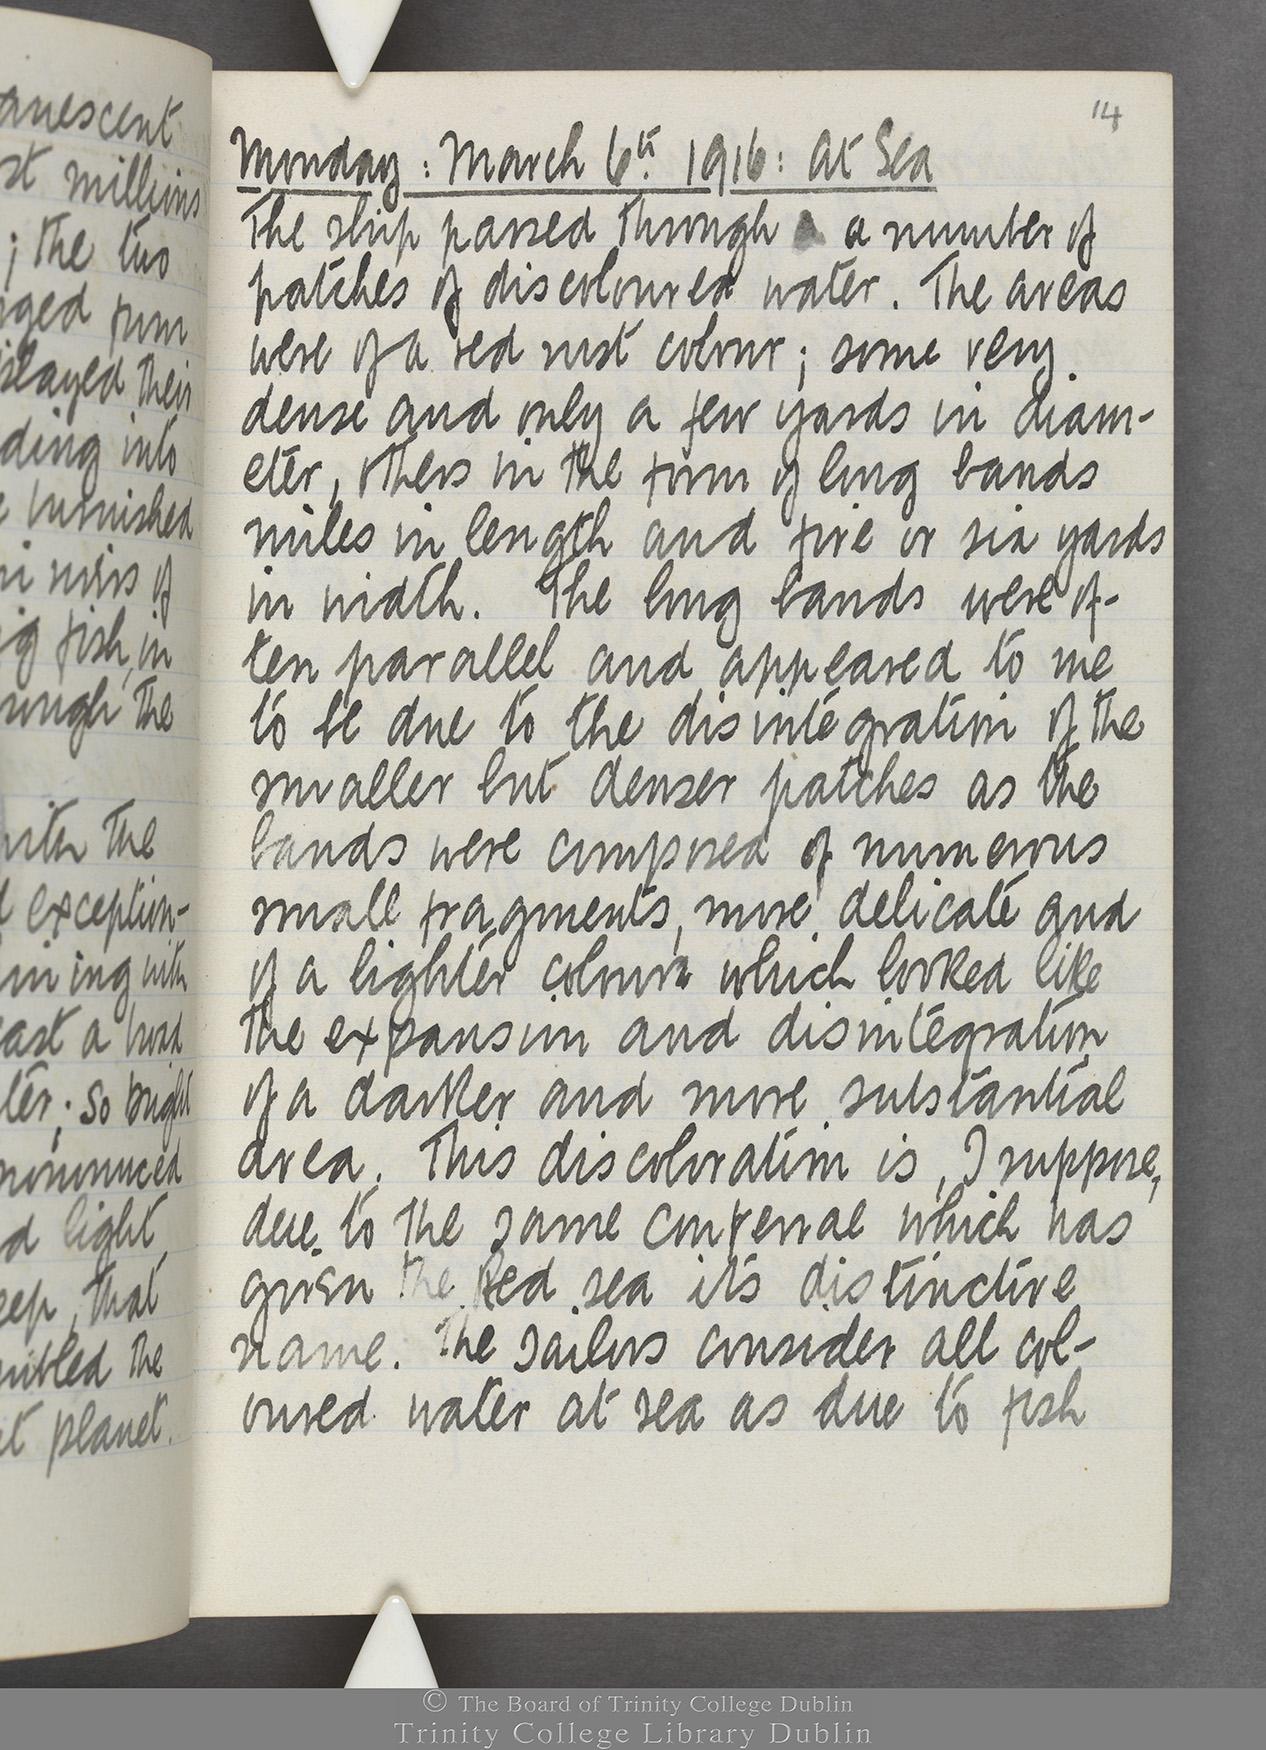 TCD MS 10515 folio 14r